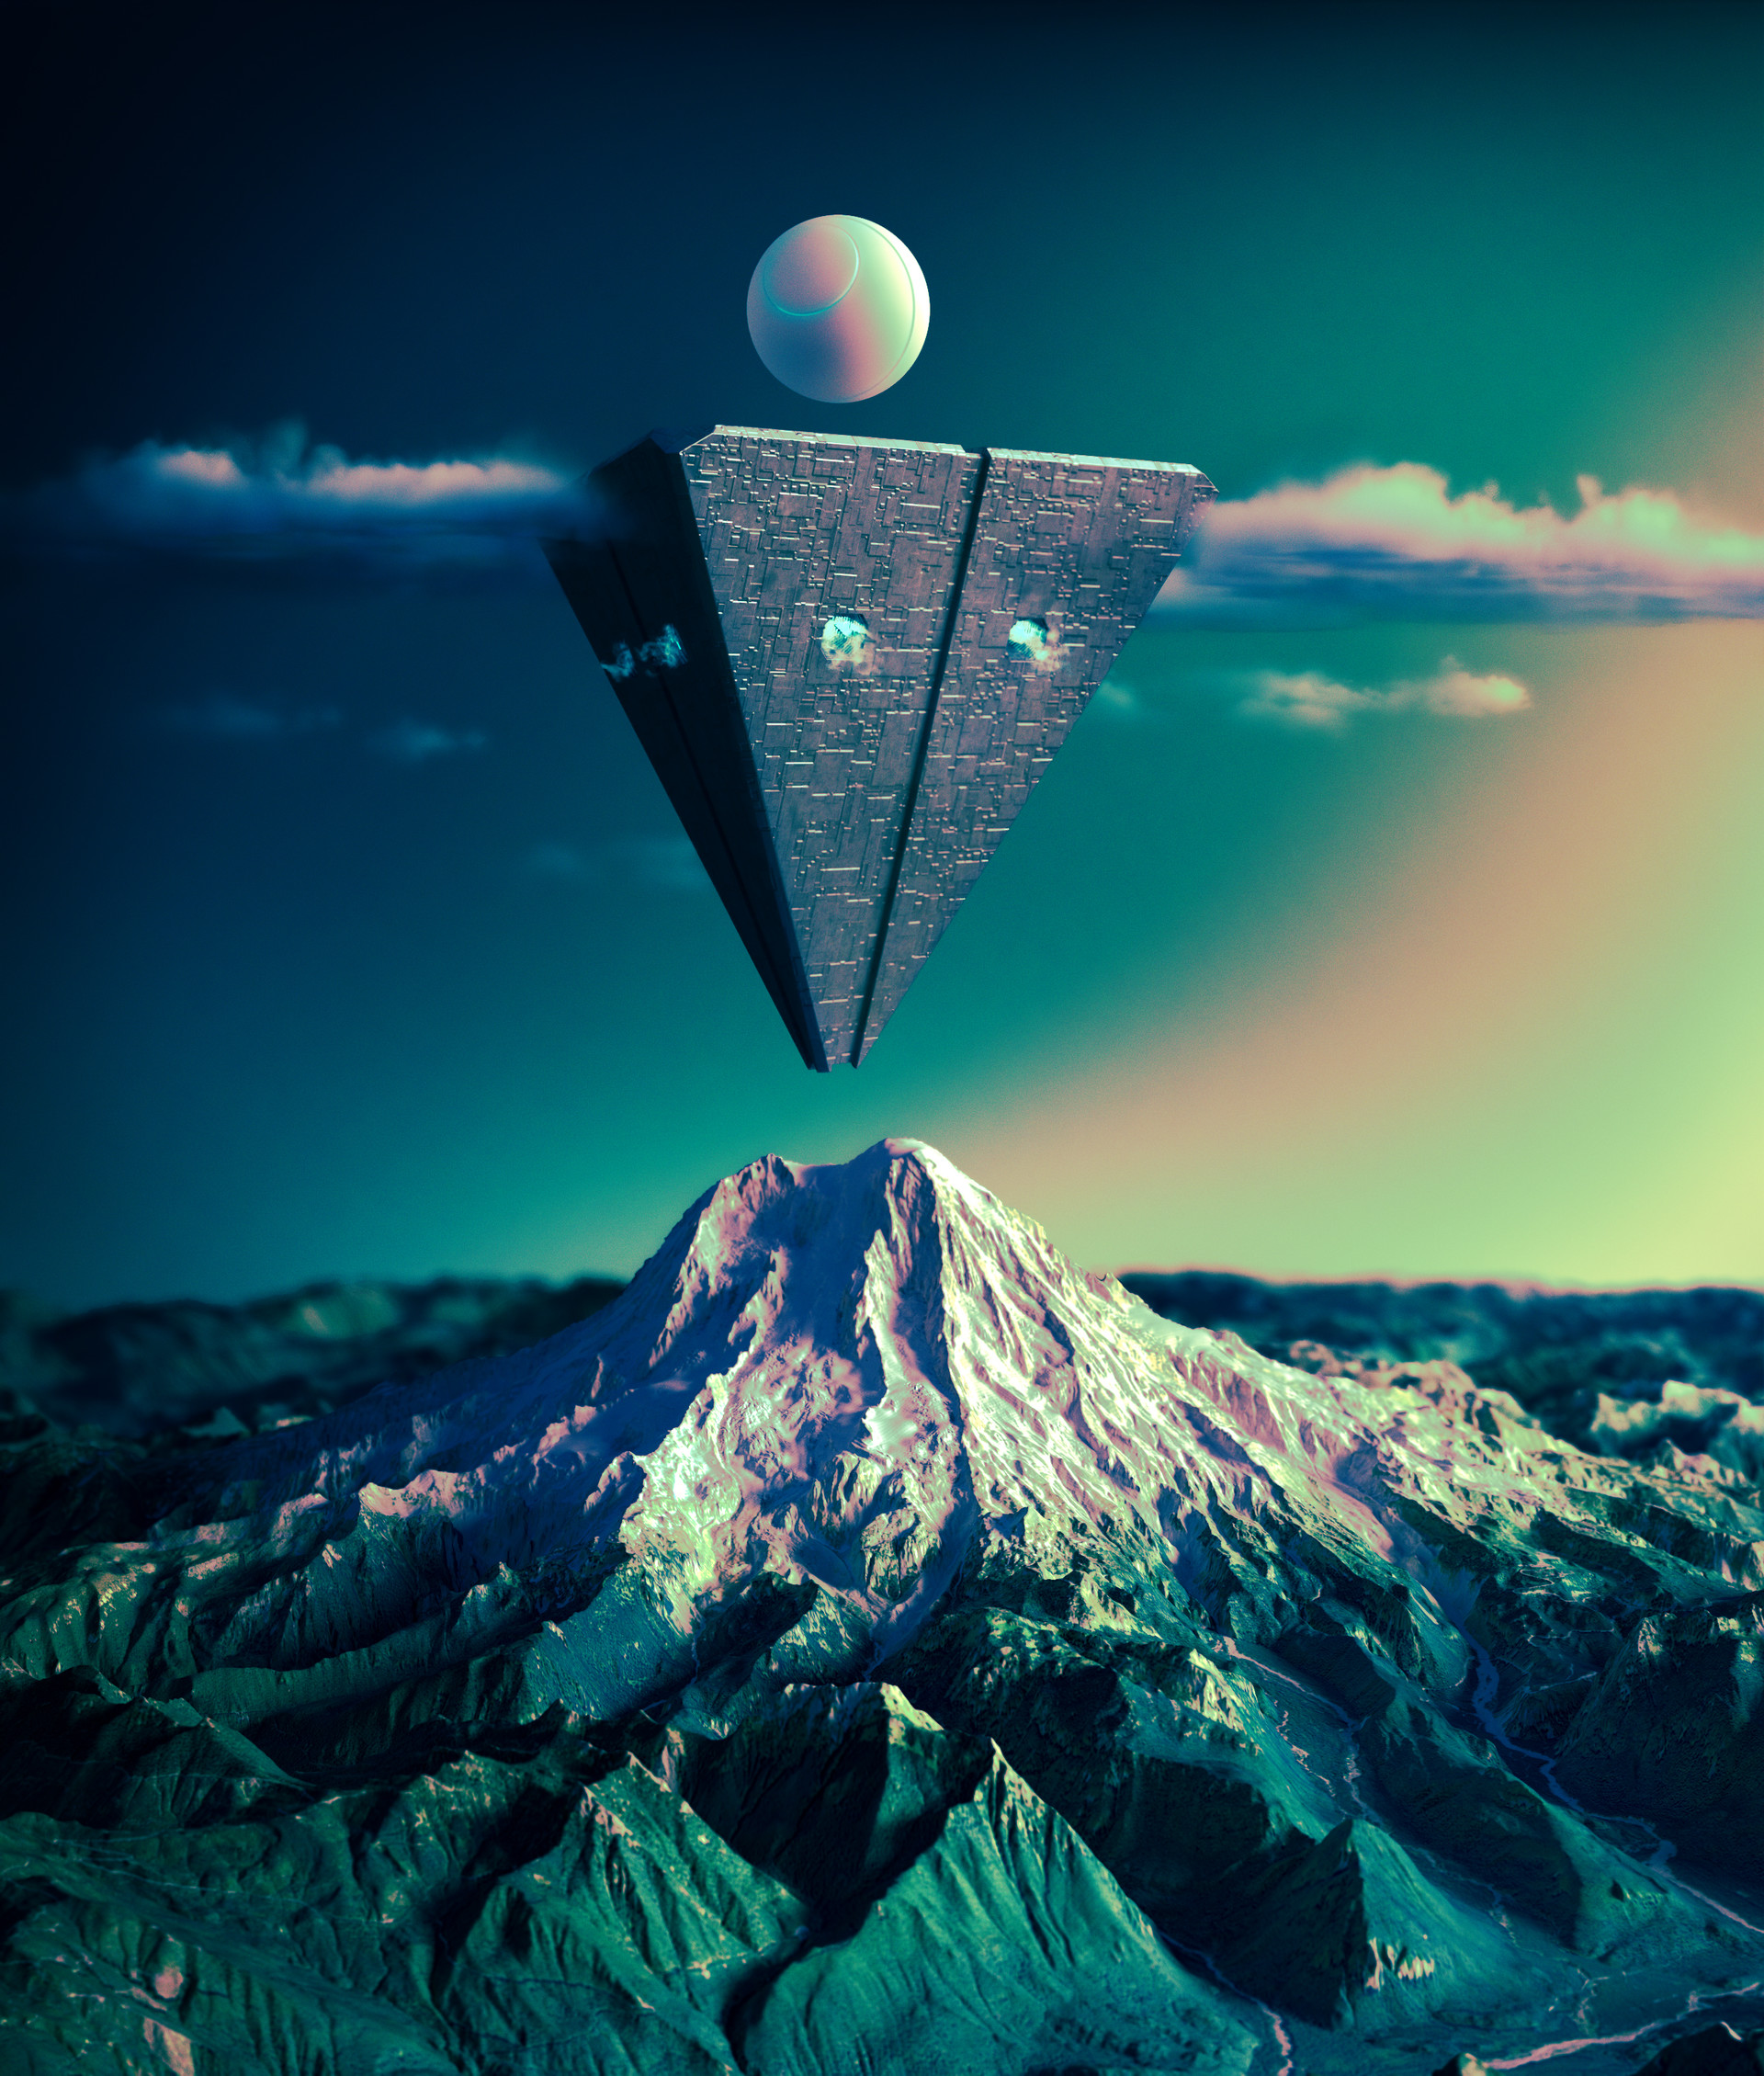 Философия в картинках - Страница 35 Sam-keating-final-ship-terrain-2